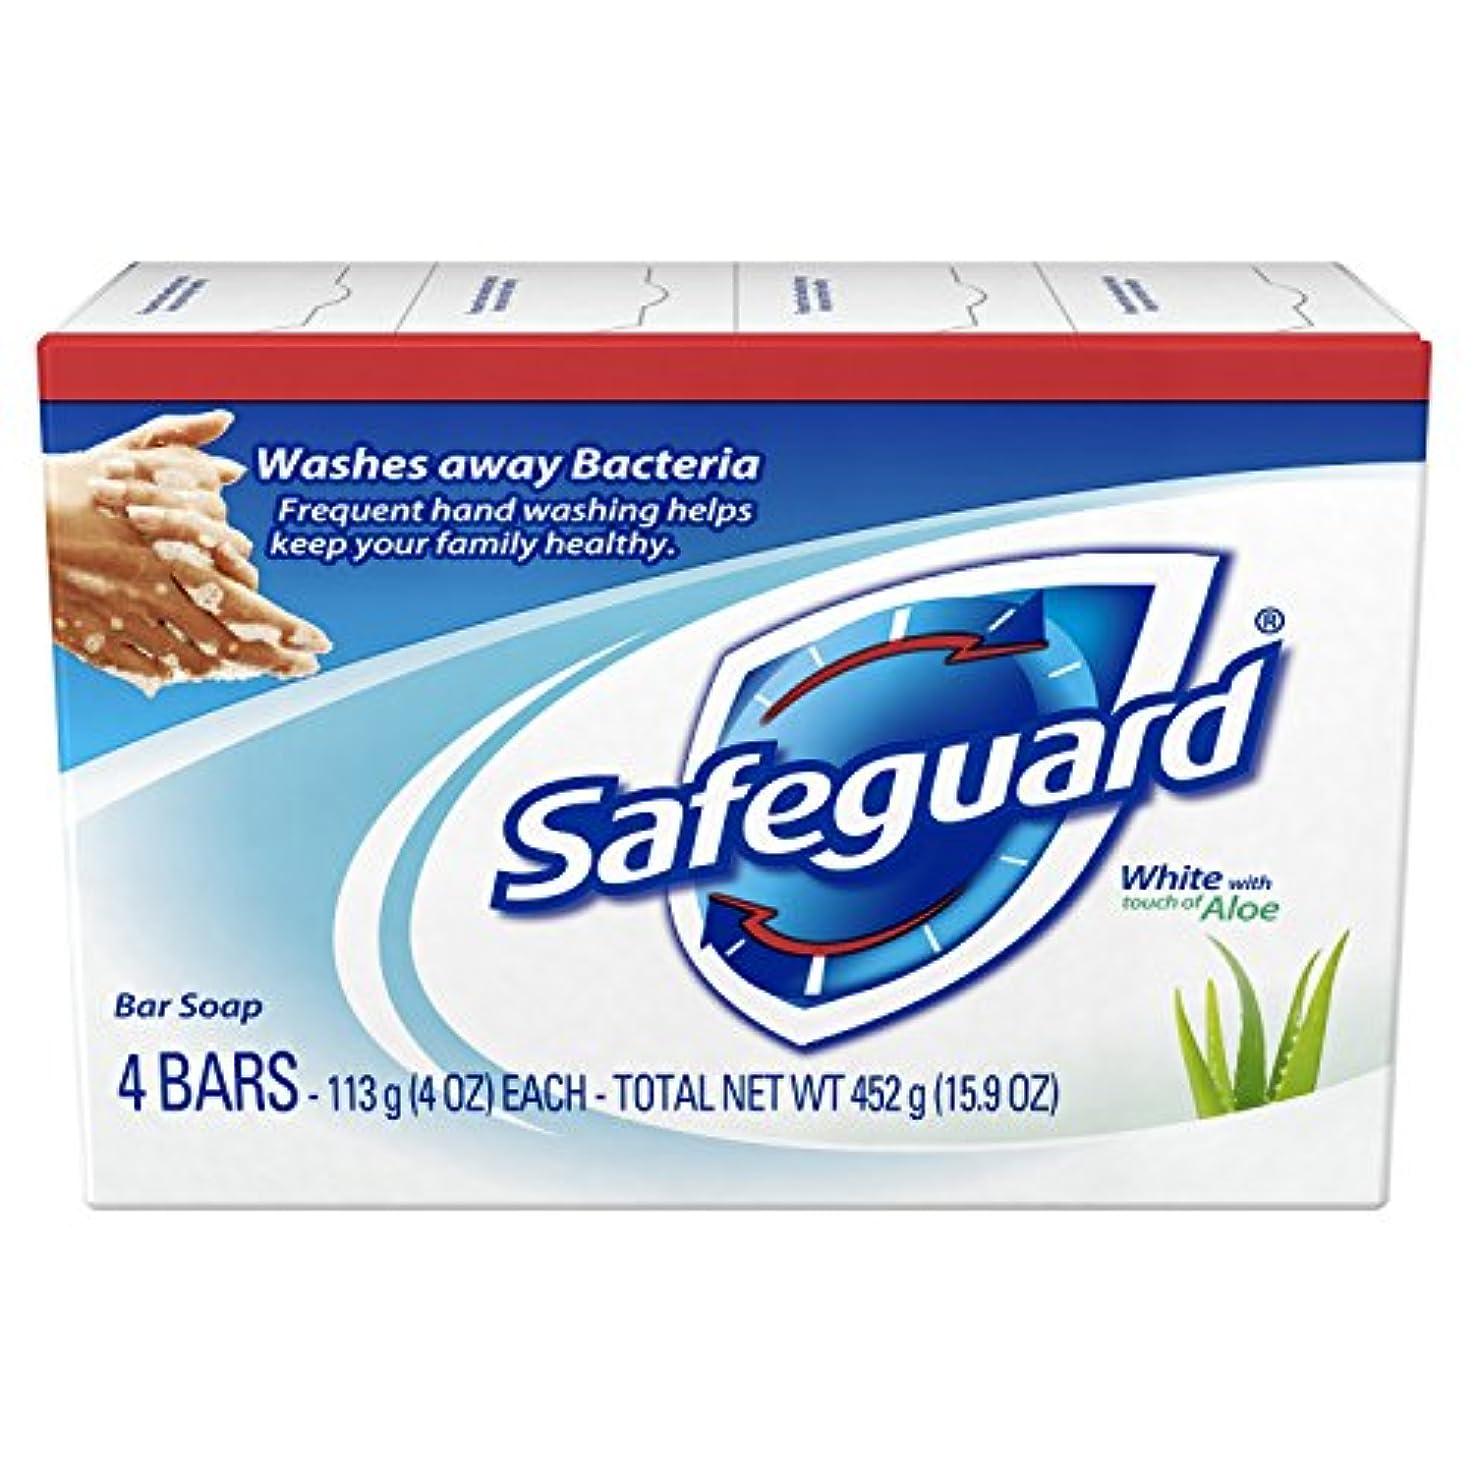 受け継ぐショッピングセンター恥ずかしさSafeguard アロエ4オズバー、4EA(5パック)で抗菌消臭石鹸ホワイト 5パック